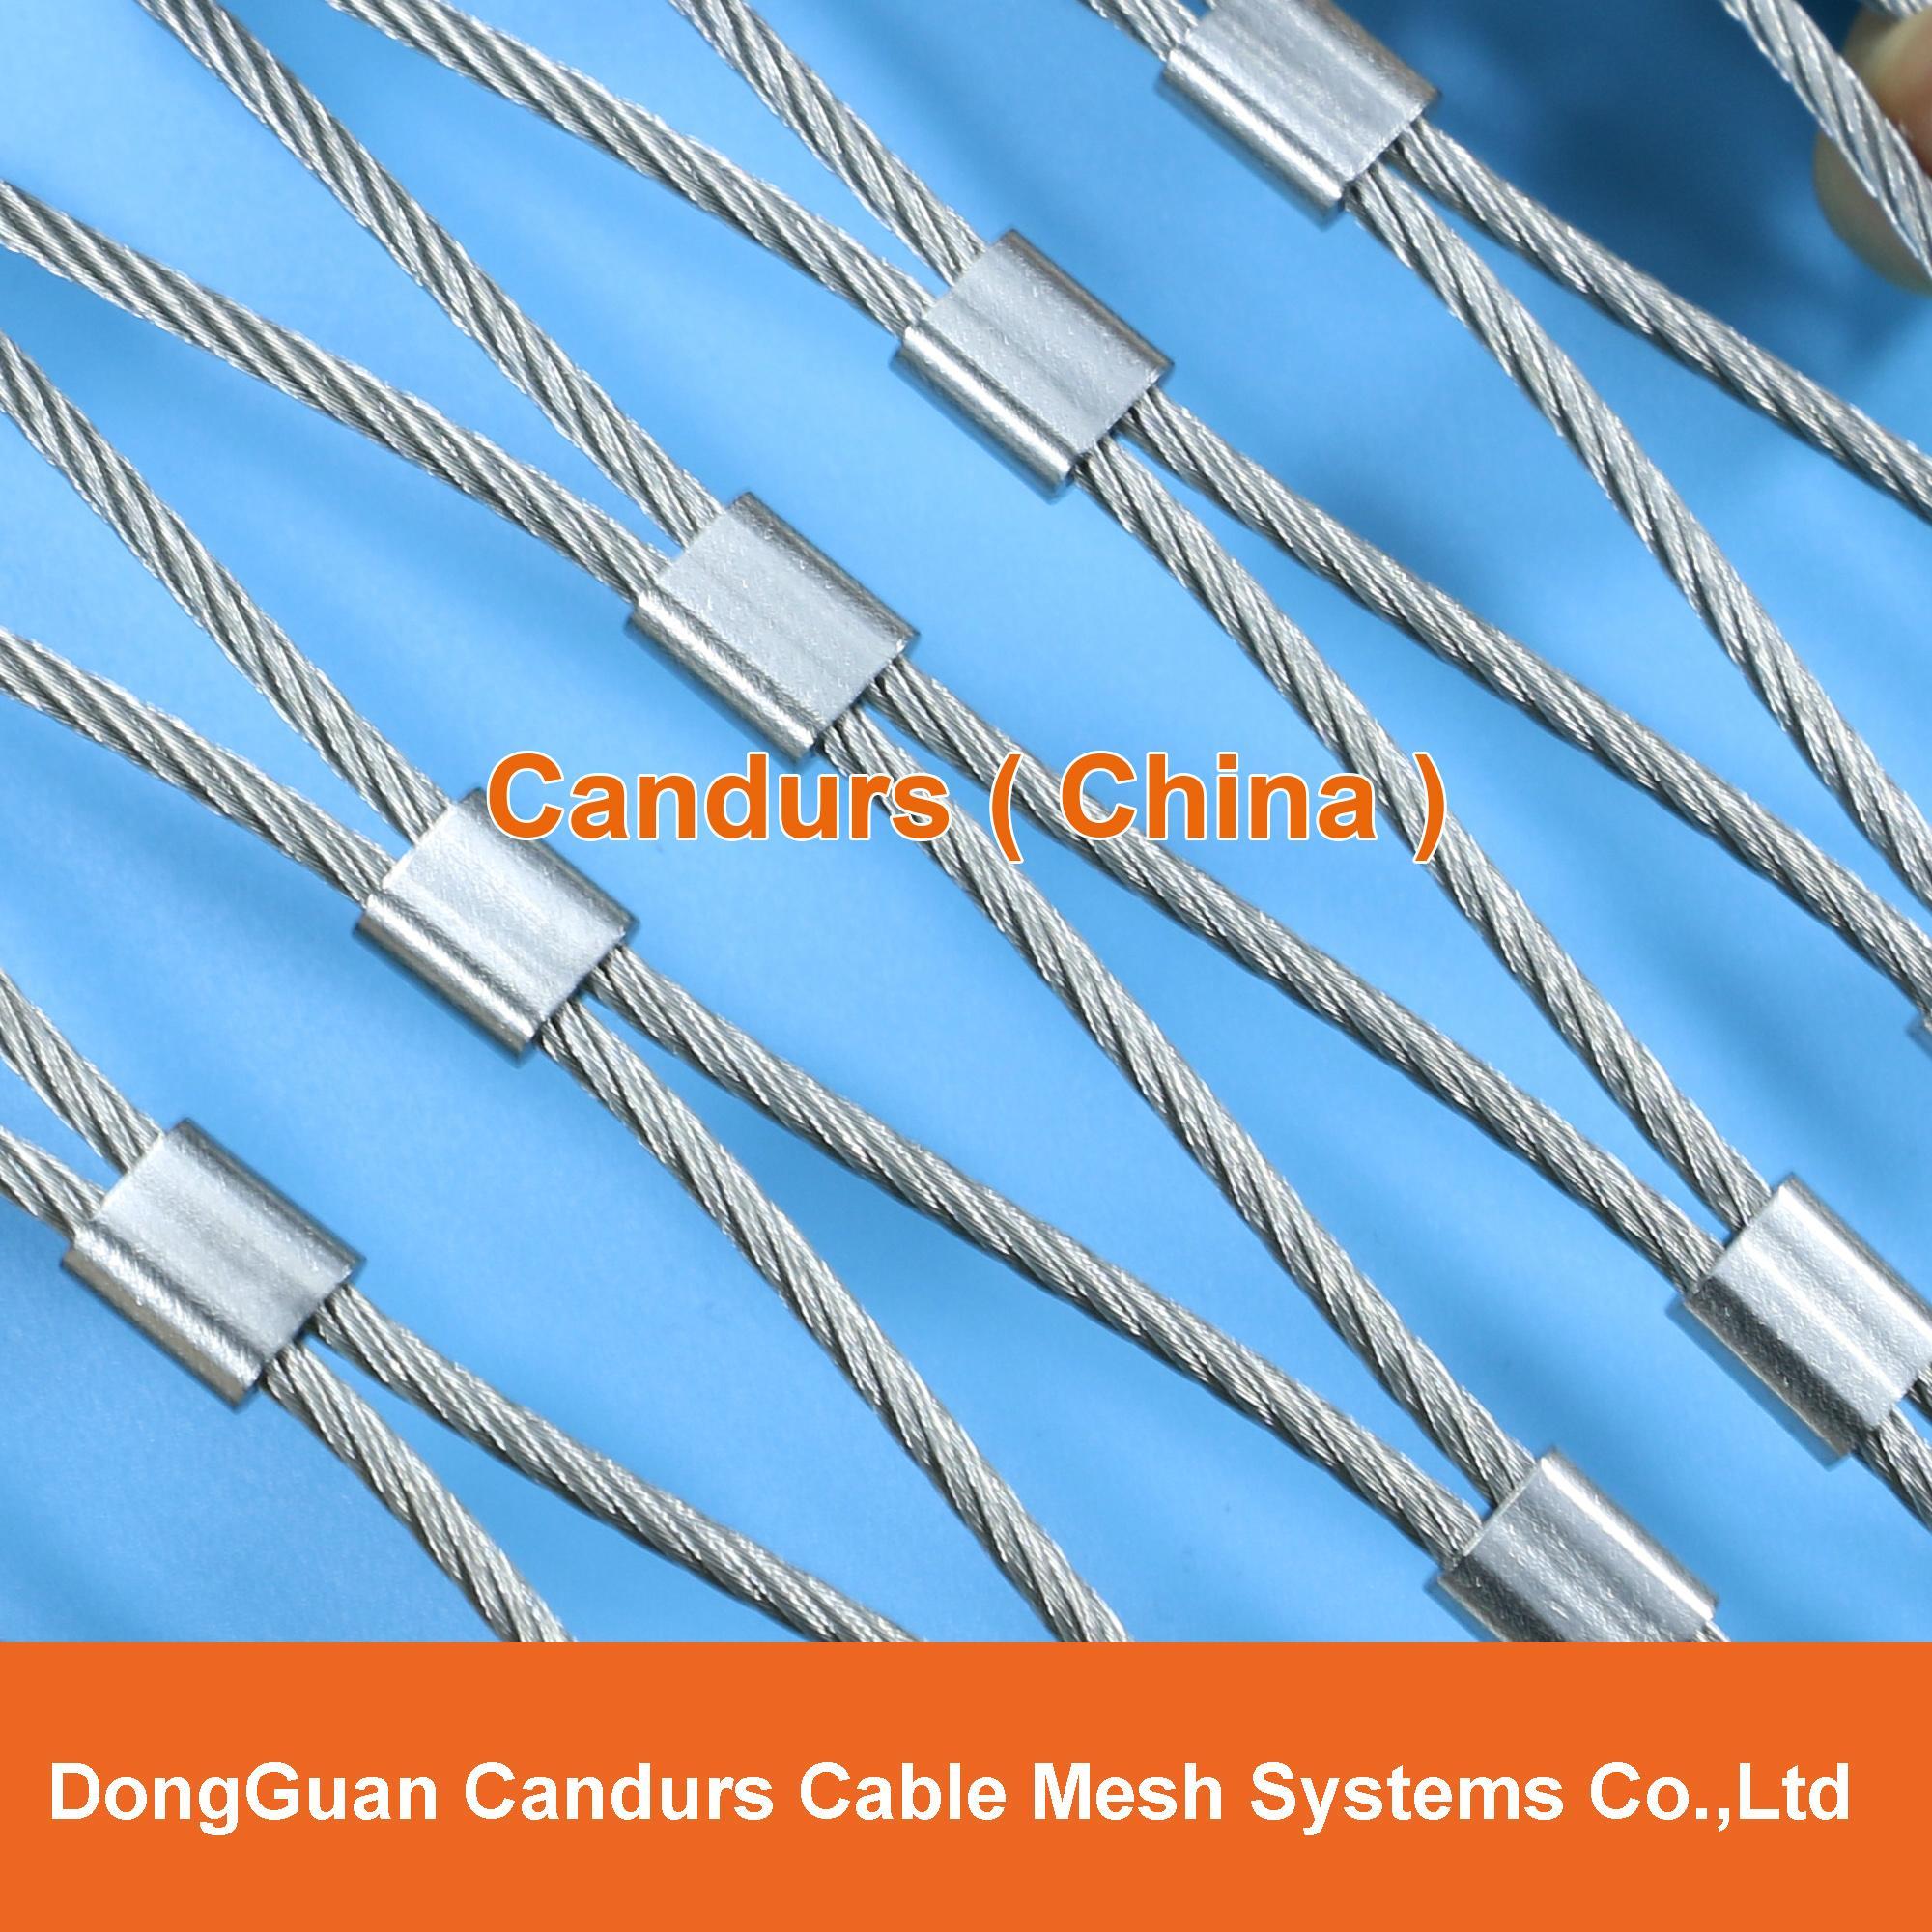 屋顶安全防护不锈钢绳网 1